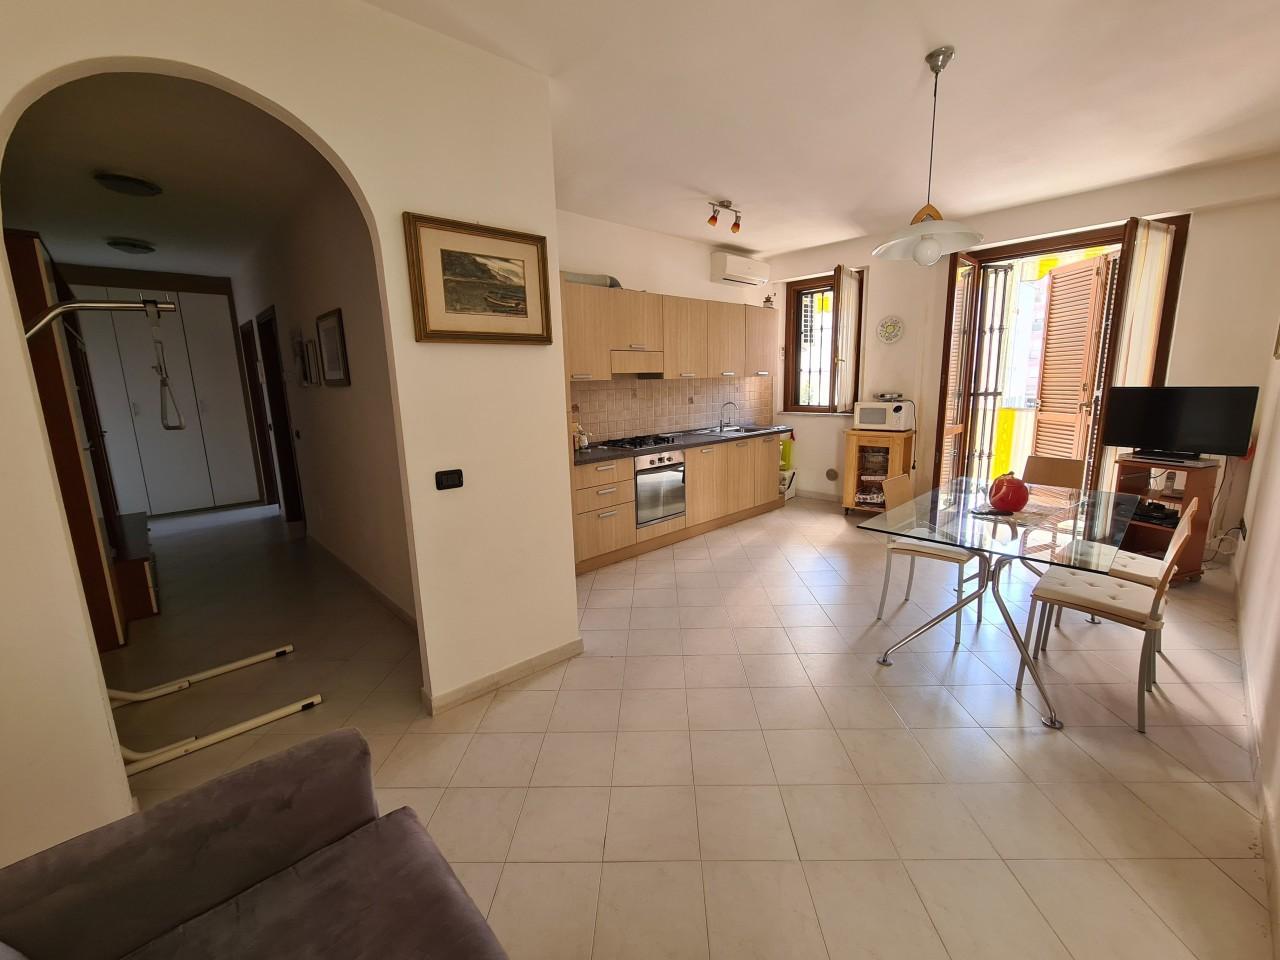 Appartamento in vendita a Santo Stefano di Magra, 2 locali, prezzo € 115.000 | PortaleAgenzieImmobiliari.it